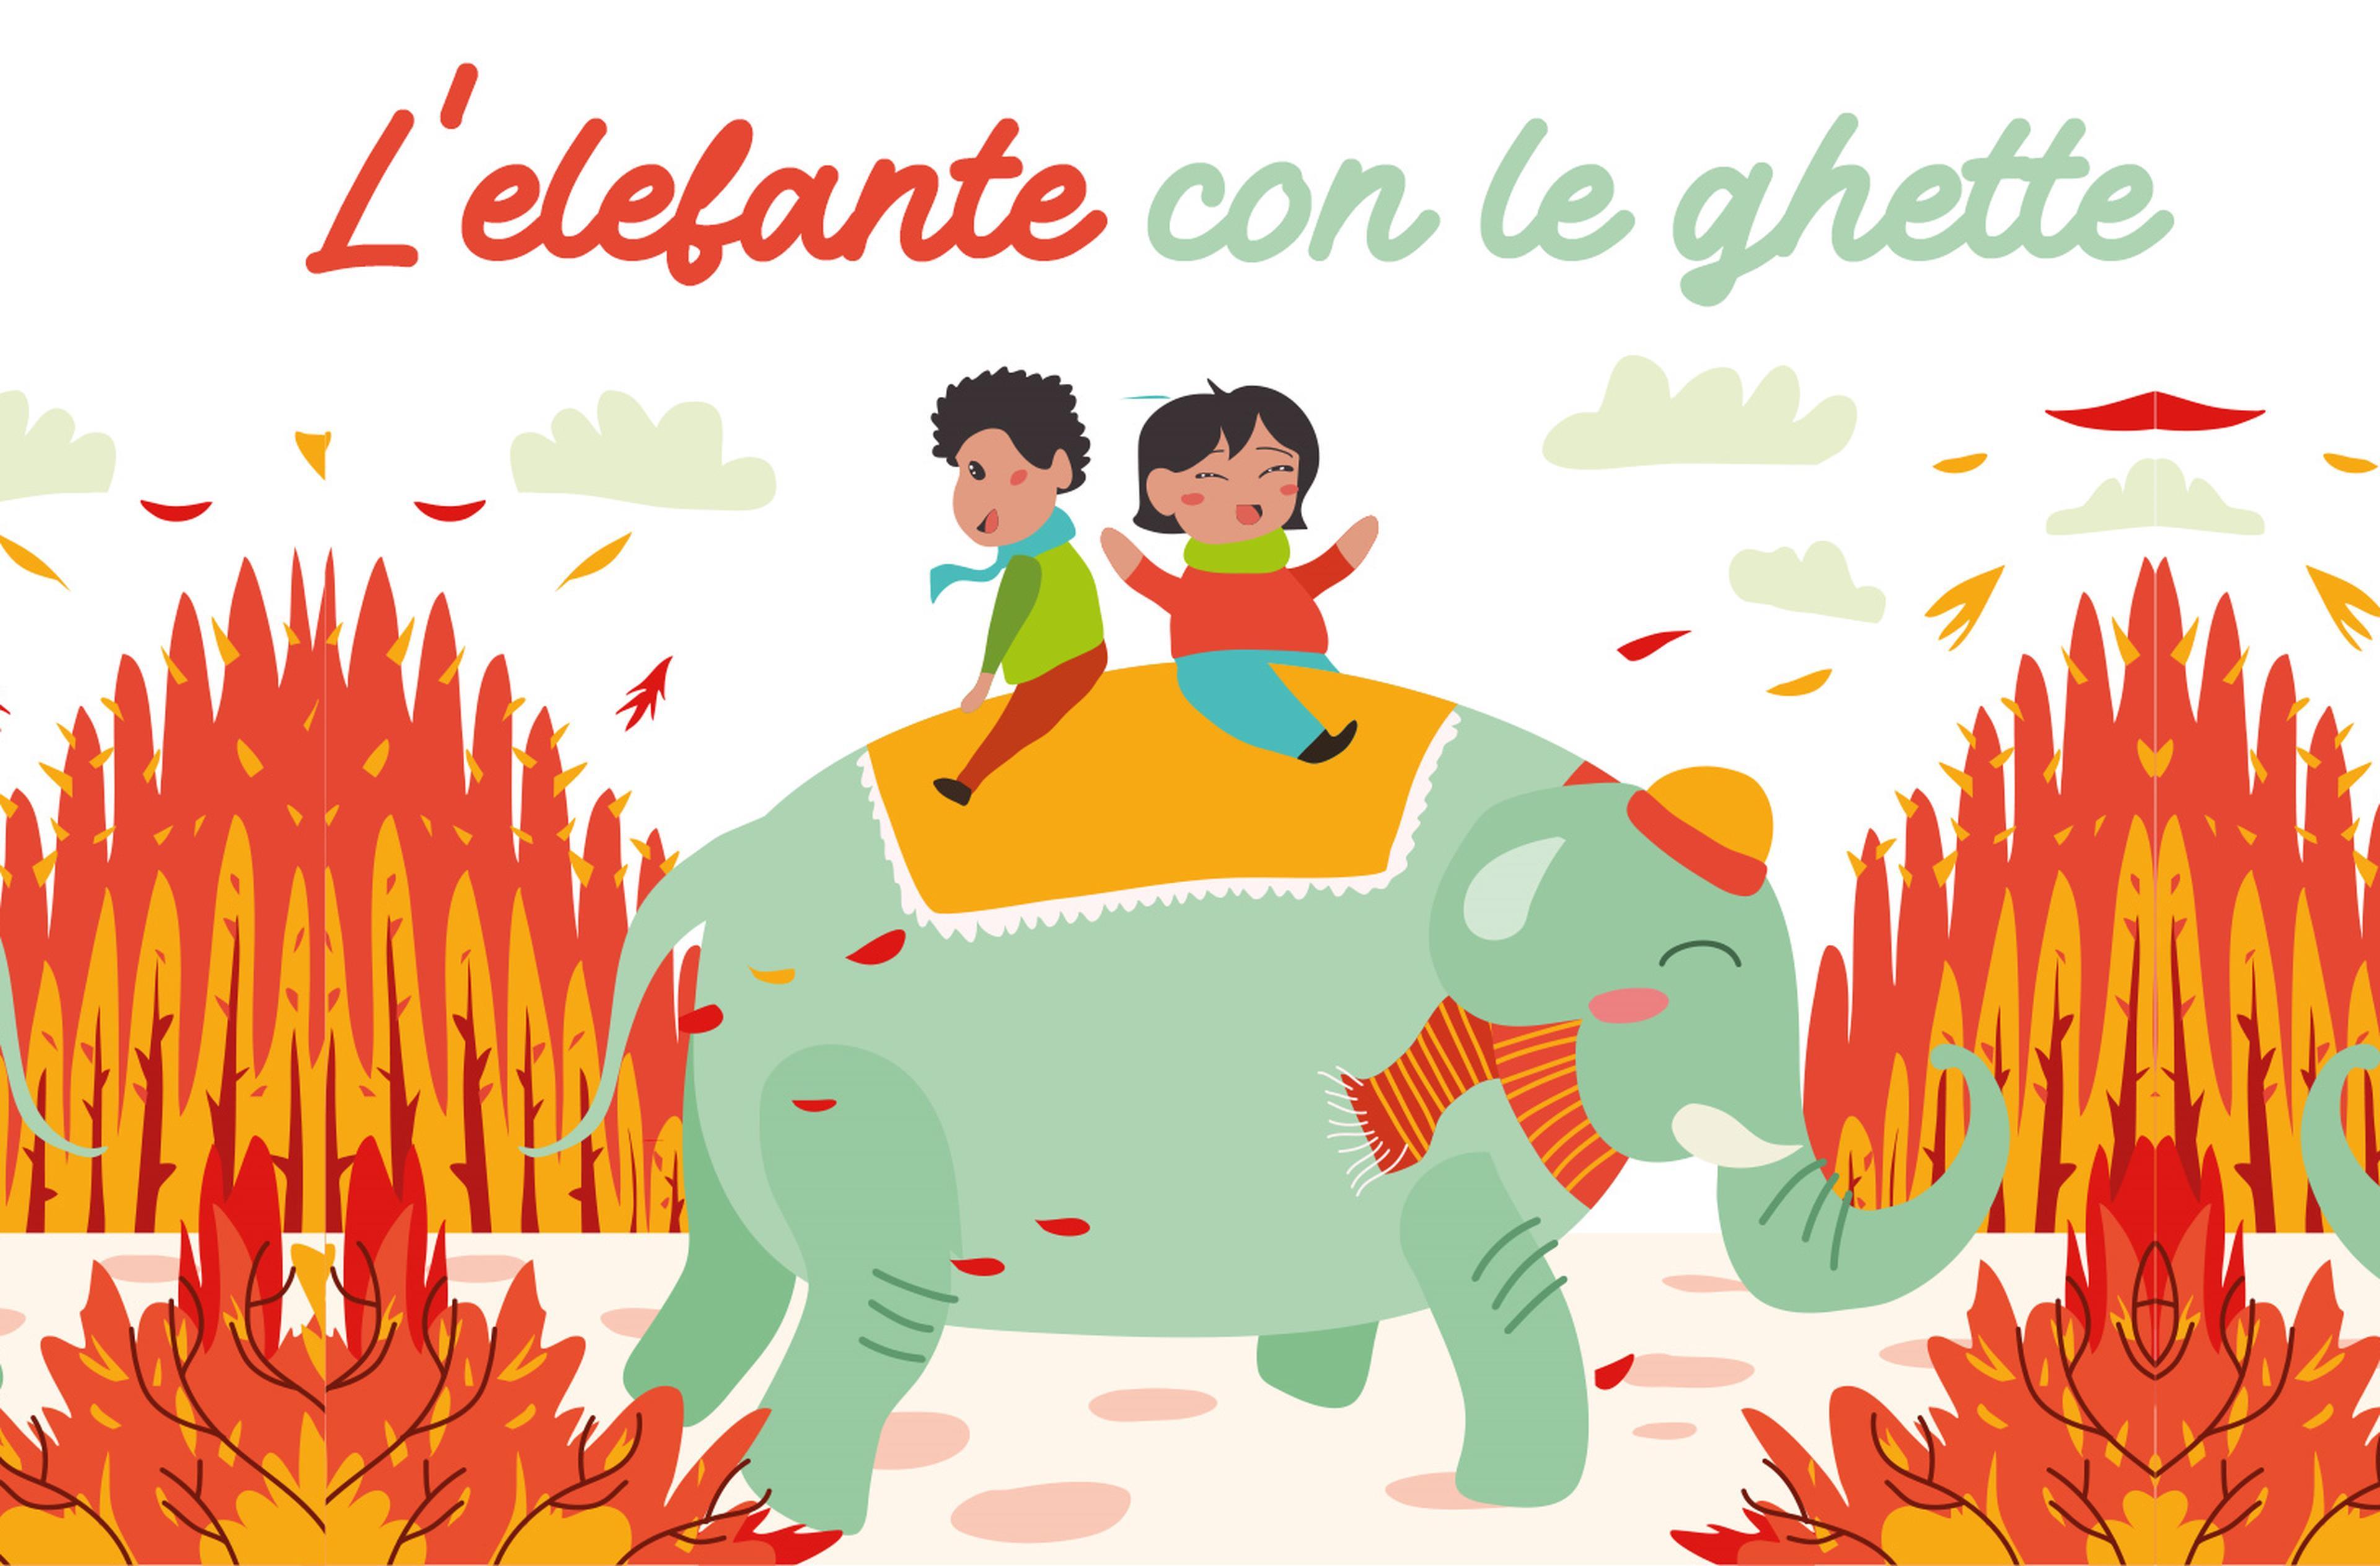 L'elefante con le ghette: testo e video del brano per bambini